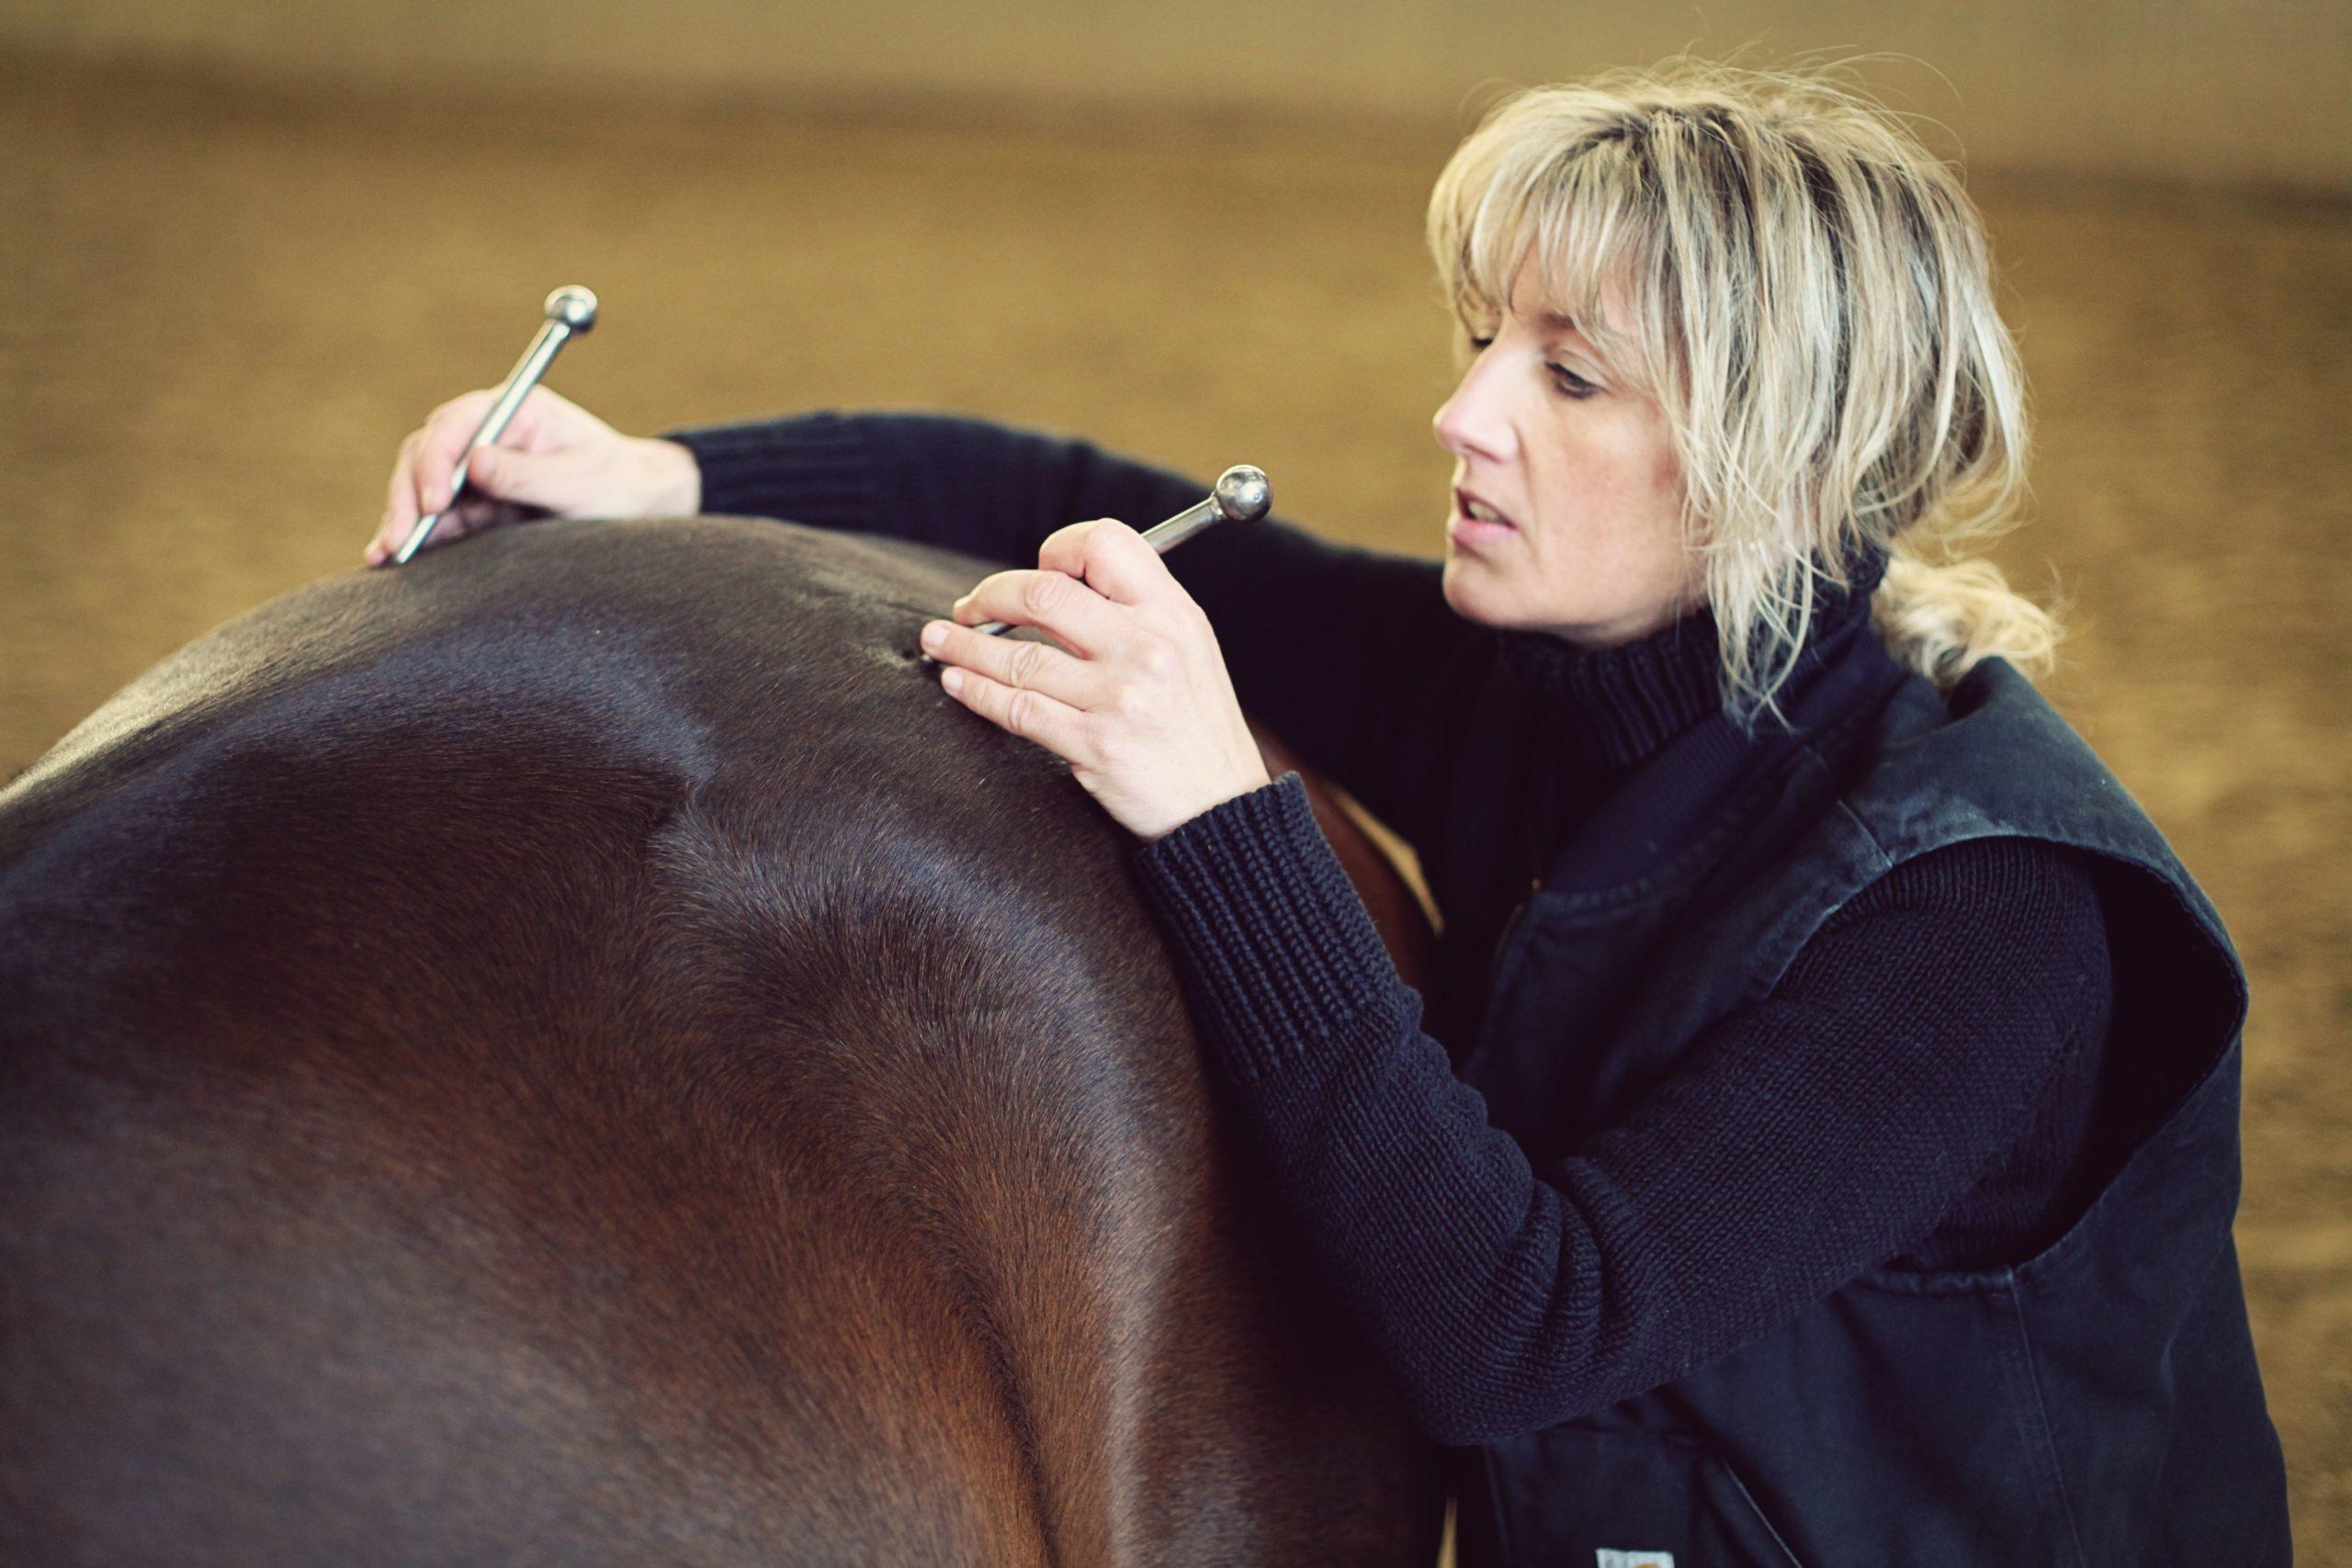 Pferdephysiotherapie-Zusammenhänge des Körpers verstehen